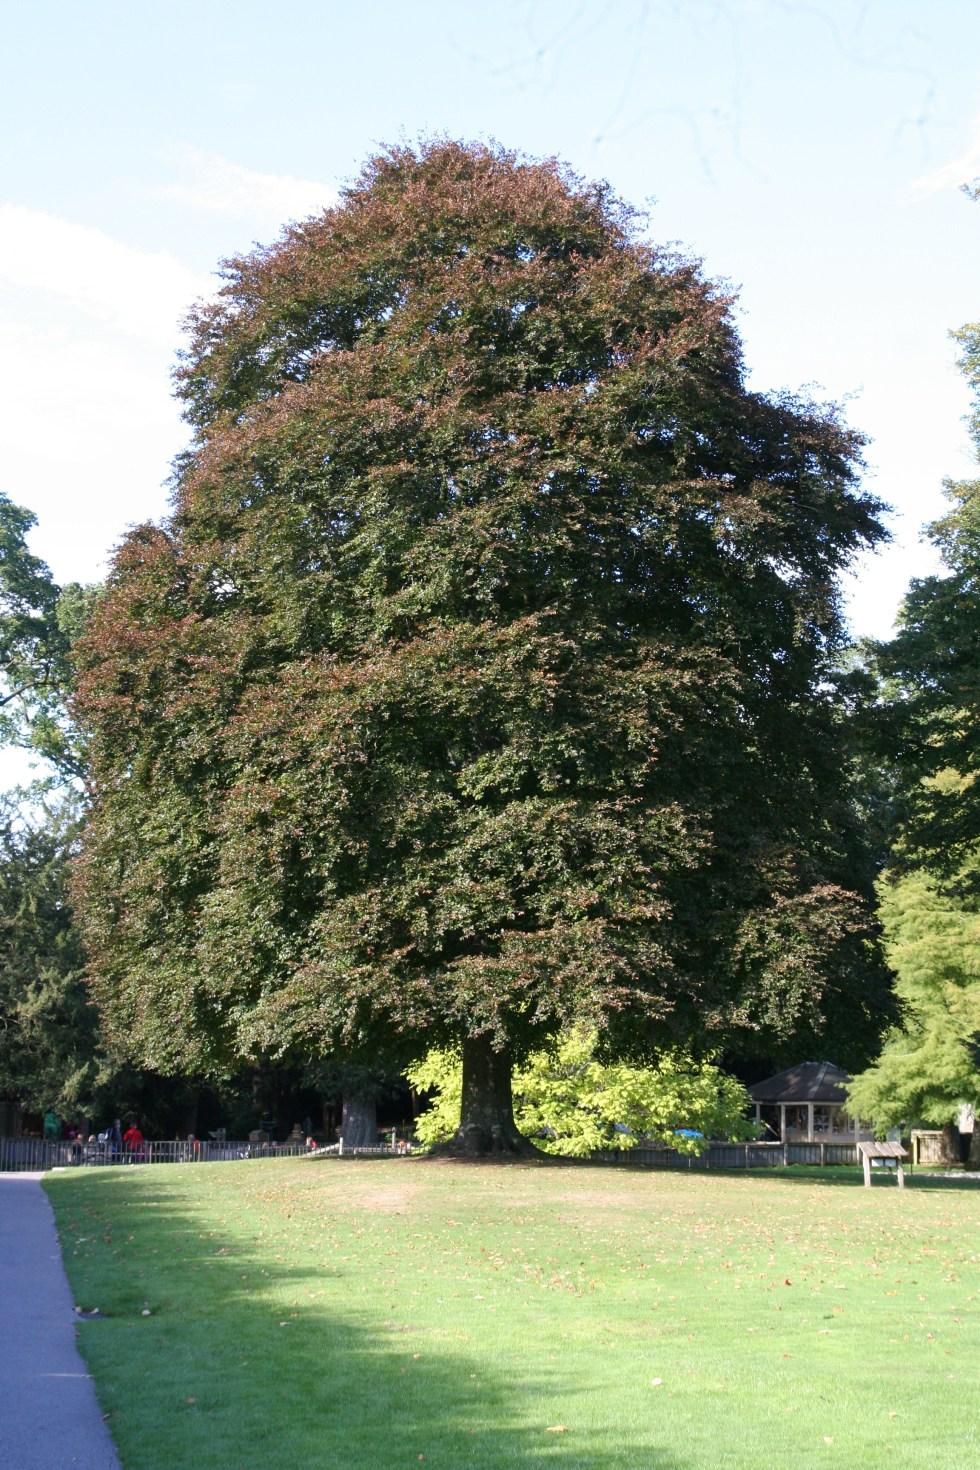 img 2219 National tree week celebrating trees